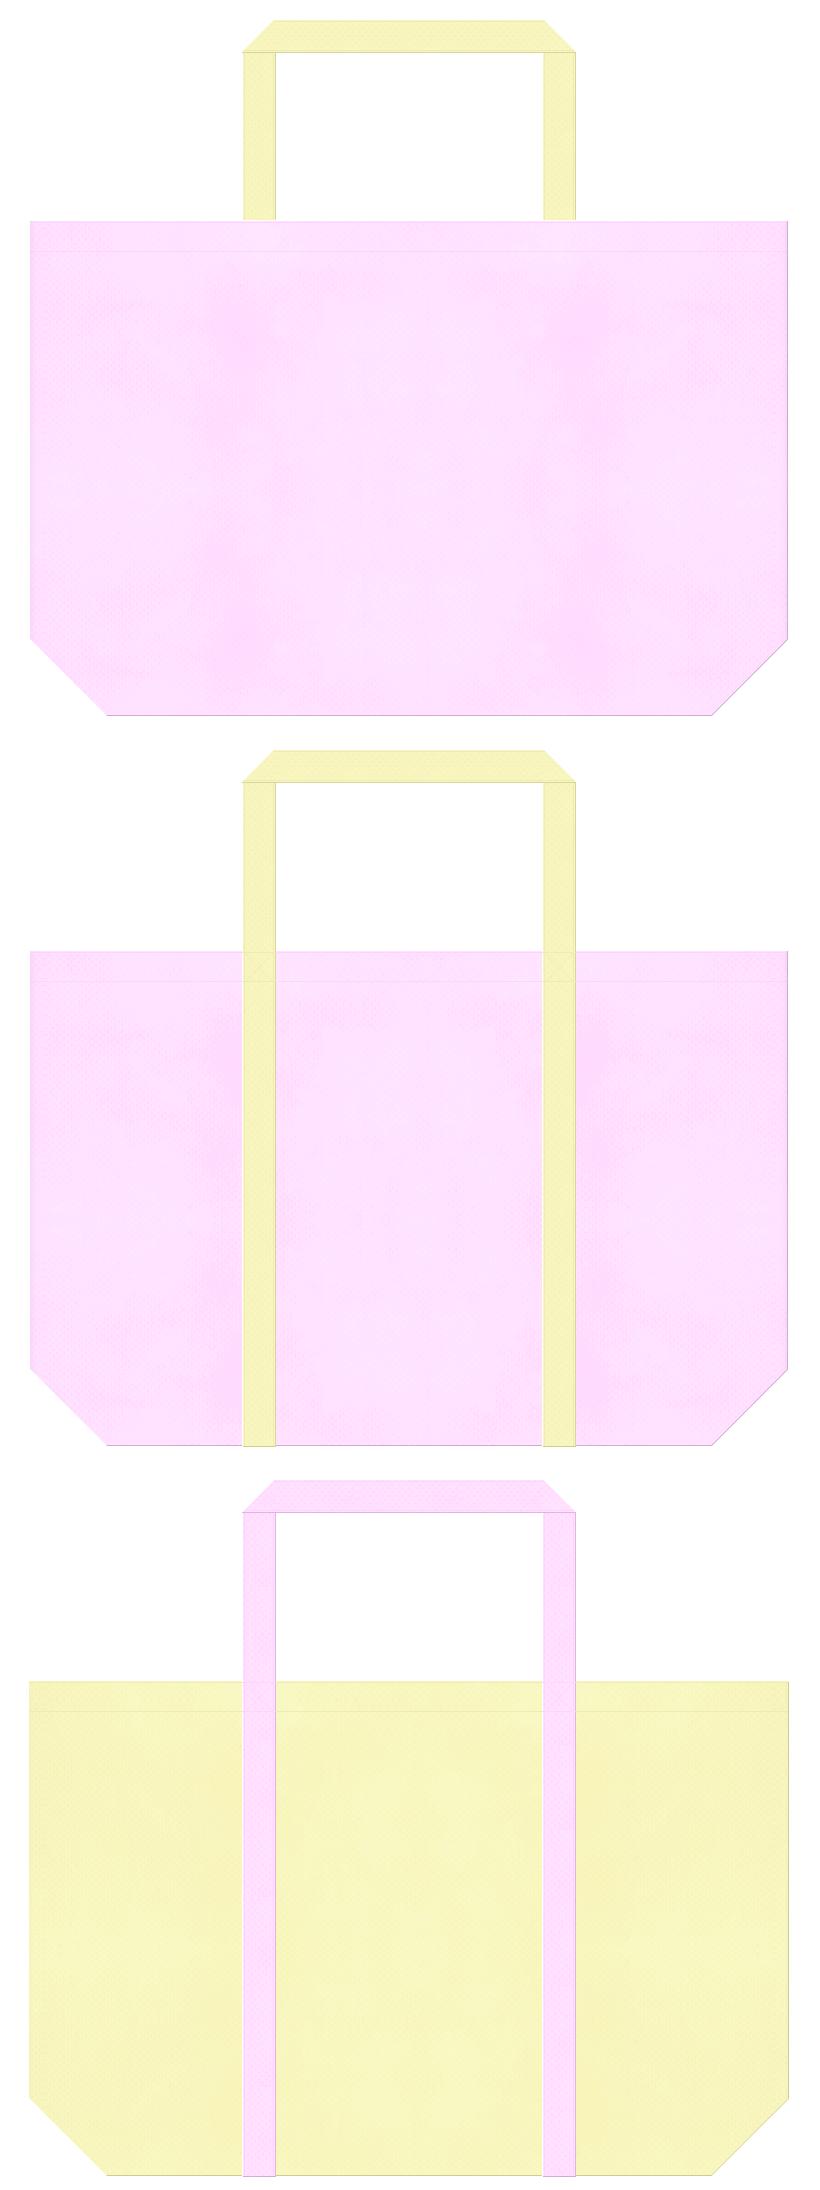 保育・福祉・介護・医療・七五三・ひな祭り・ムーンライト・バタフライ・ピーチ・ファンシー・フラワーショップ・パステルカラー・ガーリーデザインのショッピングバッグにお奨めの不織布バッグデザイン:パステルピンク色と薄黄色のコーデ